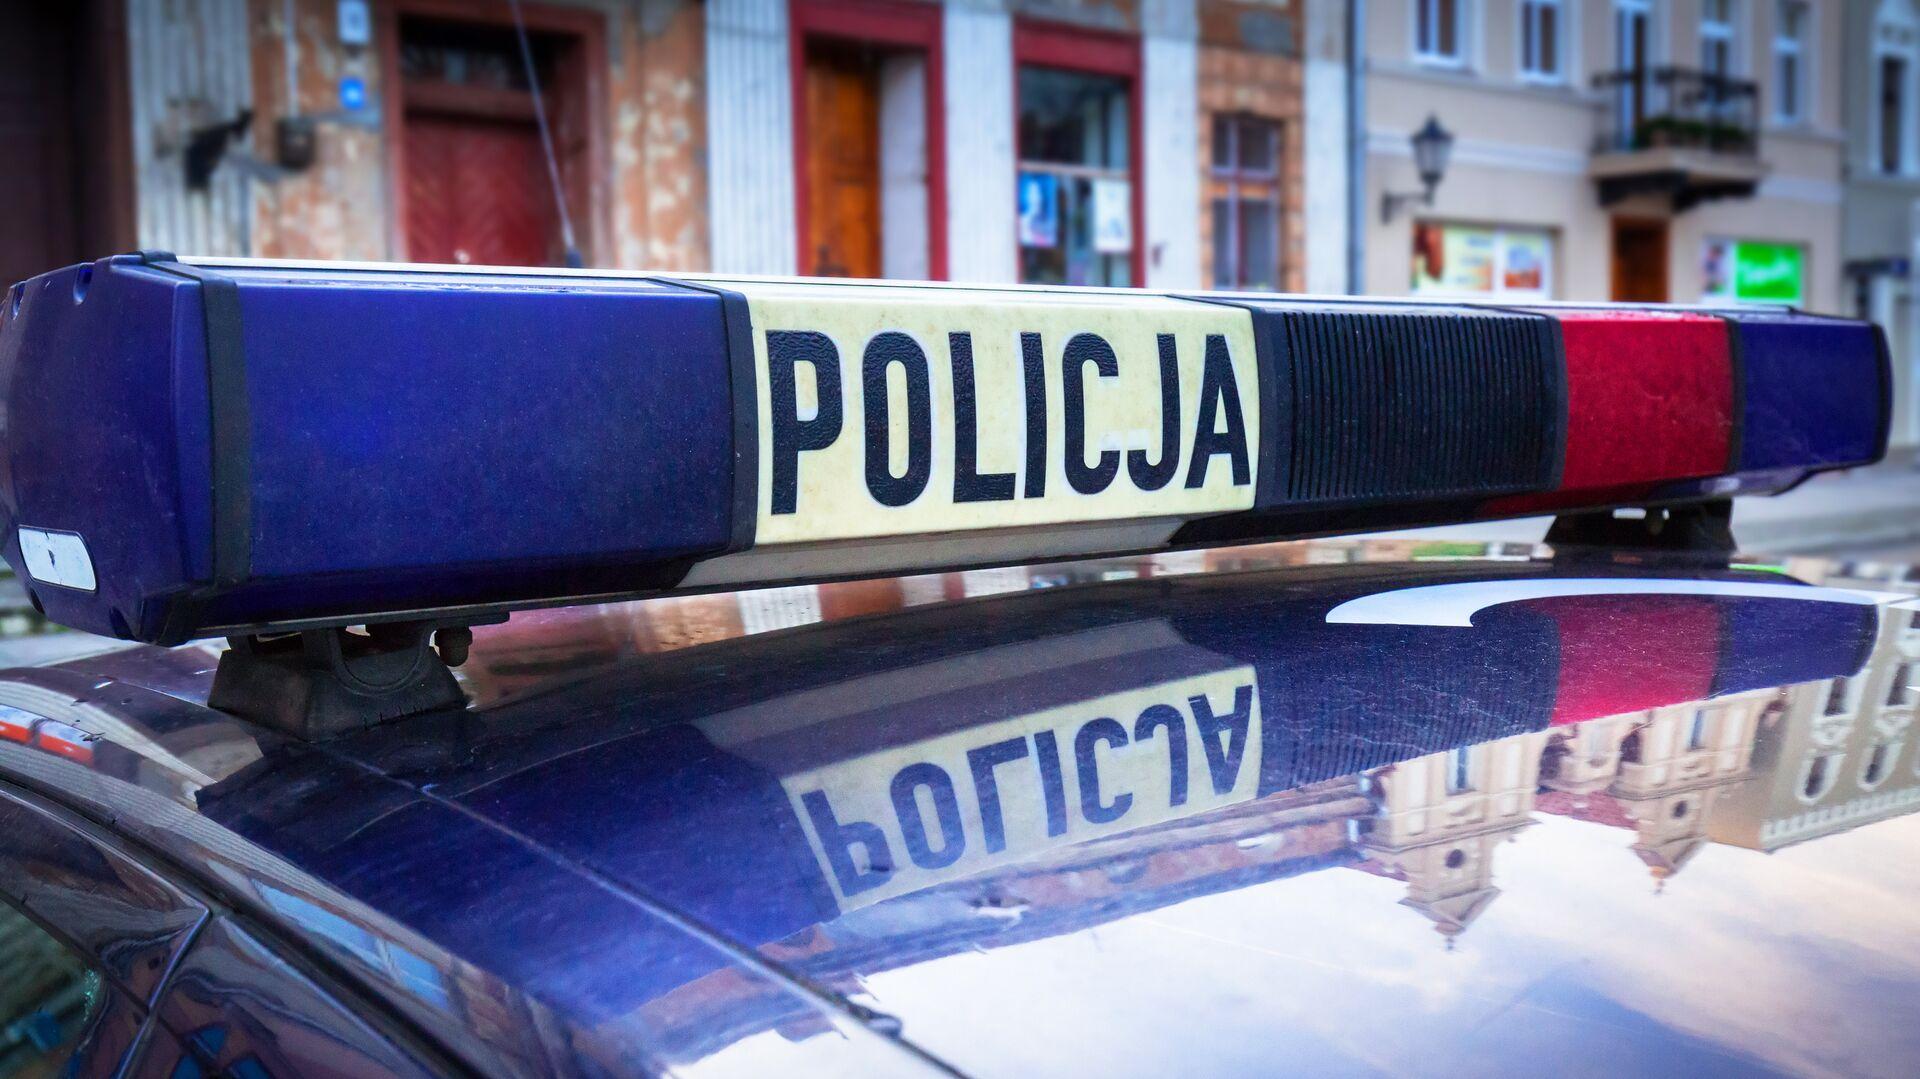 Польская полиция - РИА Новости, 1920, 11.07.2021